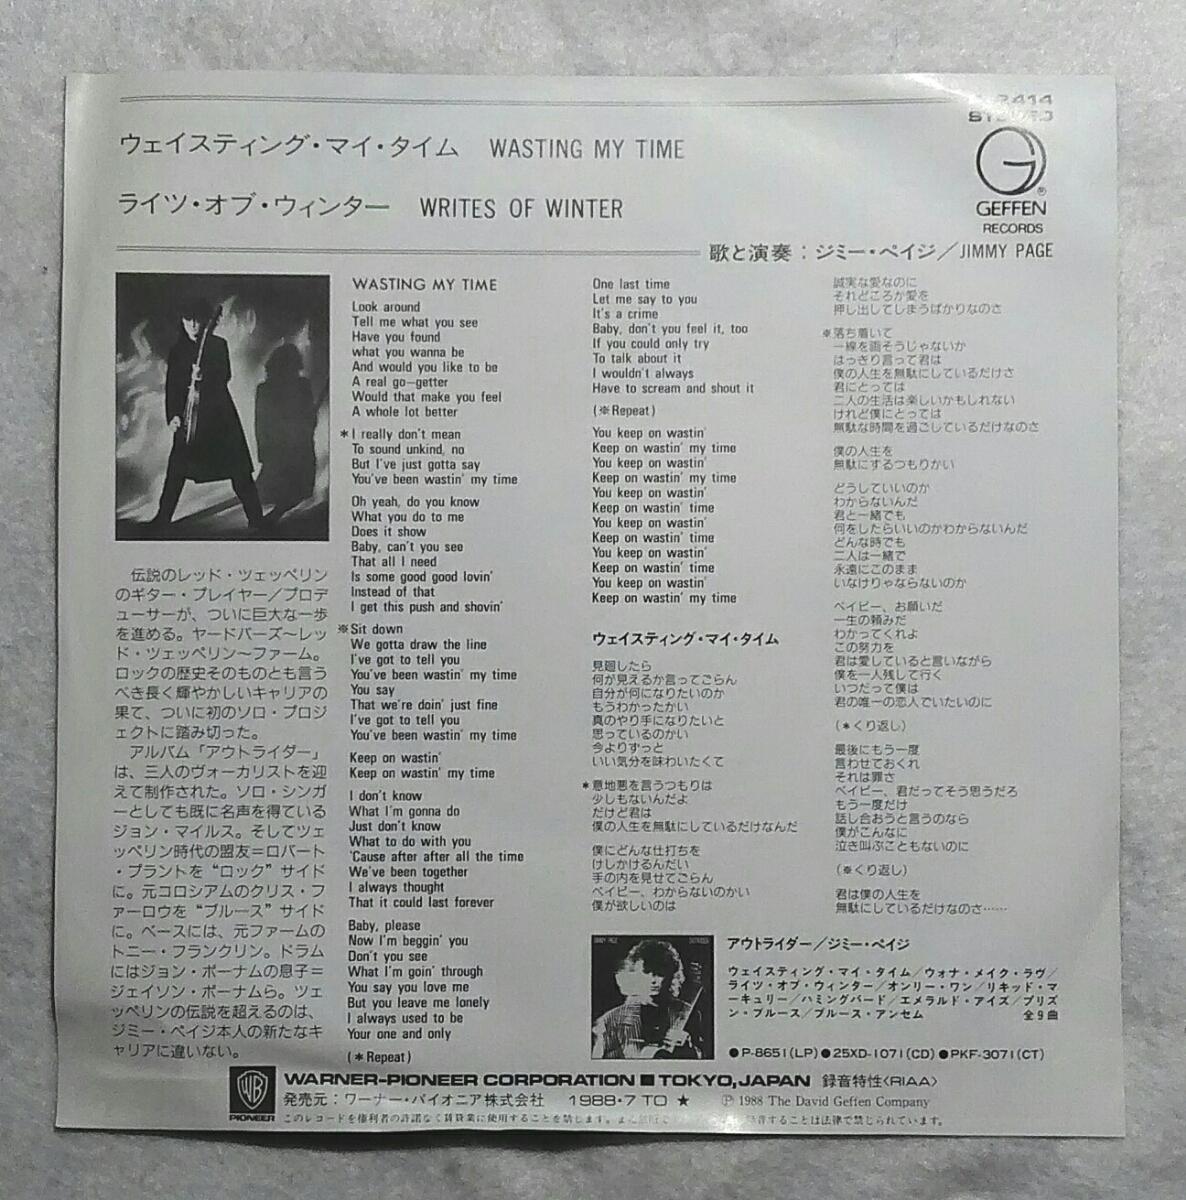 邦盤7' JIMMY PAGE / WASTING MY TIME / WRITES OF WINTER P-2414_画像2